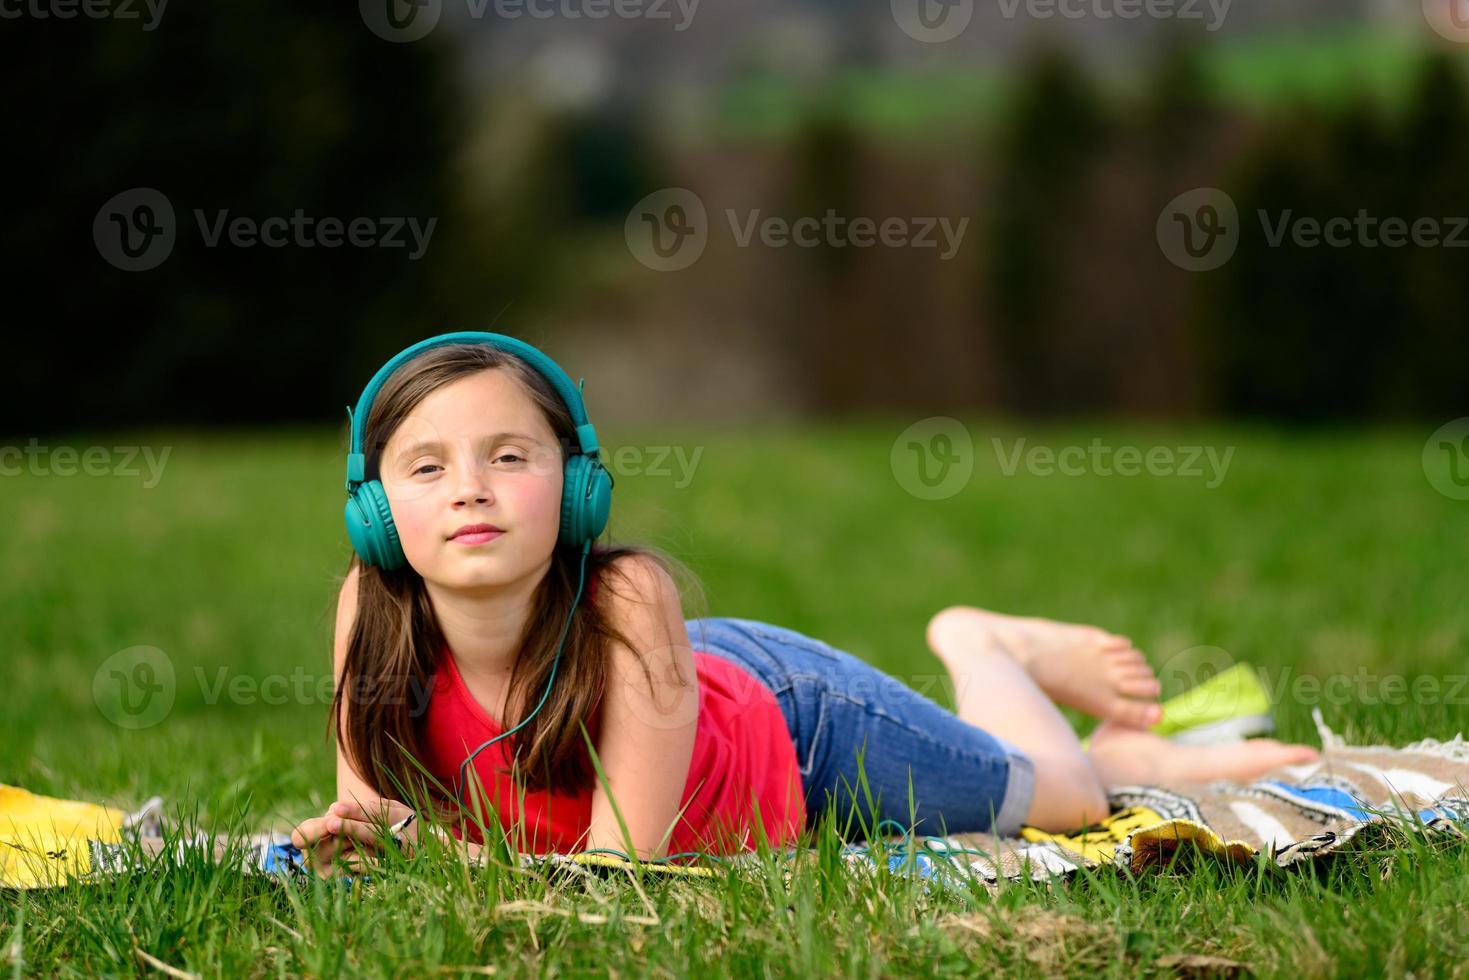 muito jovem, ouvindo música na natureza foto